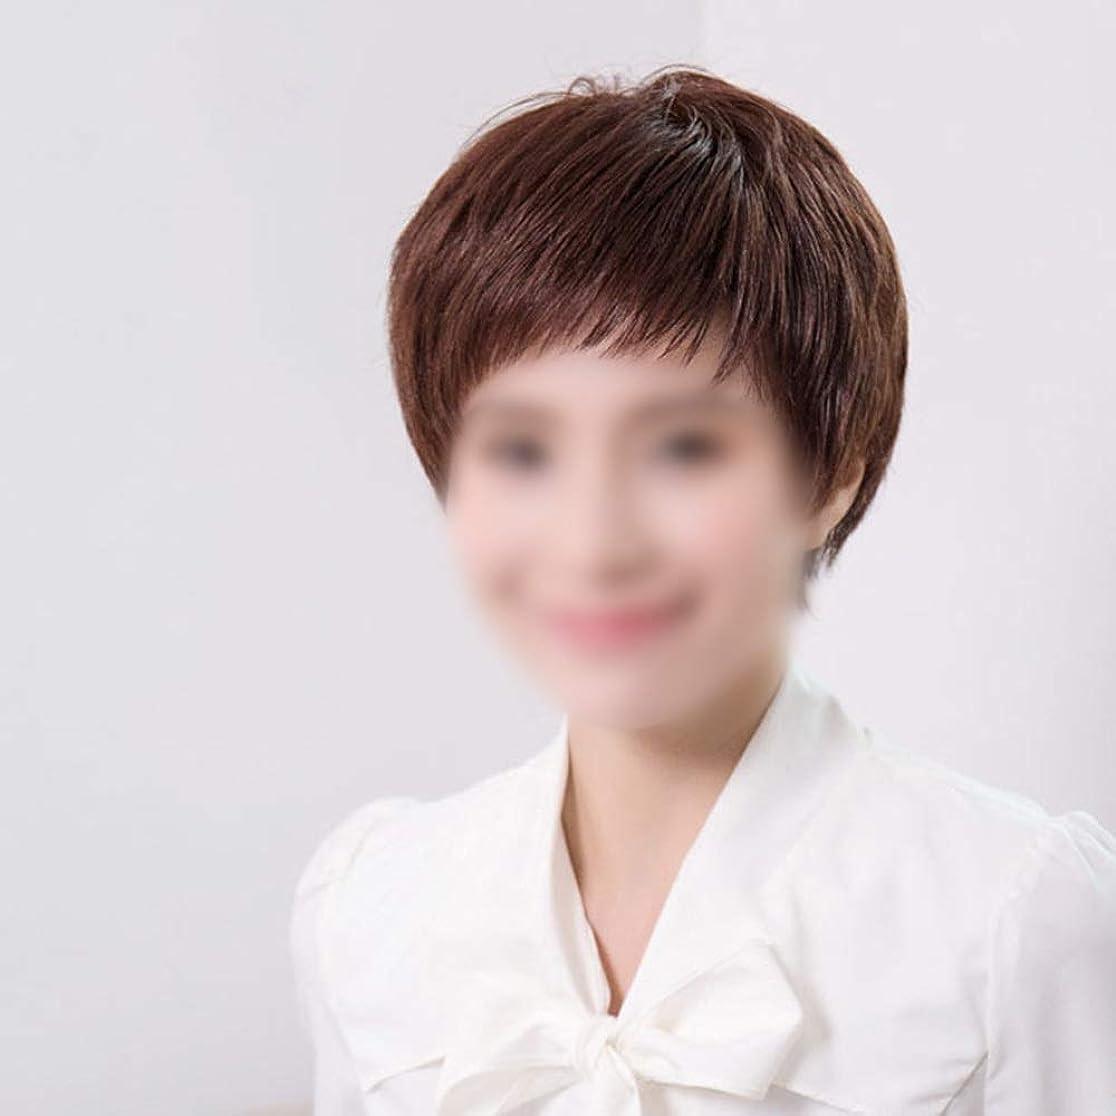 爆発期限切れもっともらしいYrattary 100%リアルヘアウィッグショートカーリーヘアーボブふわふわフェイスヘアファッションウィッグ用女性ファッションウィッグ (Color : Dark brown, Design : Mechanism)